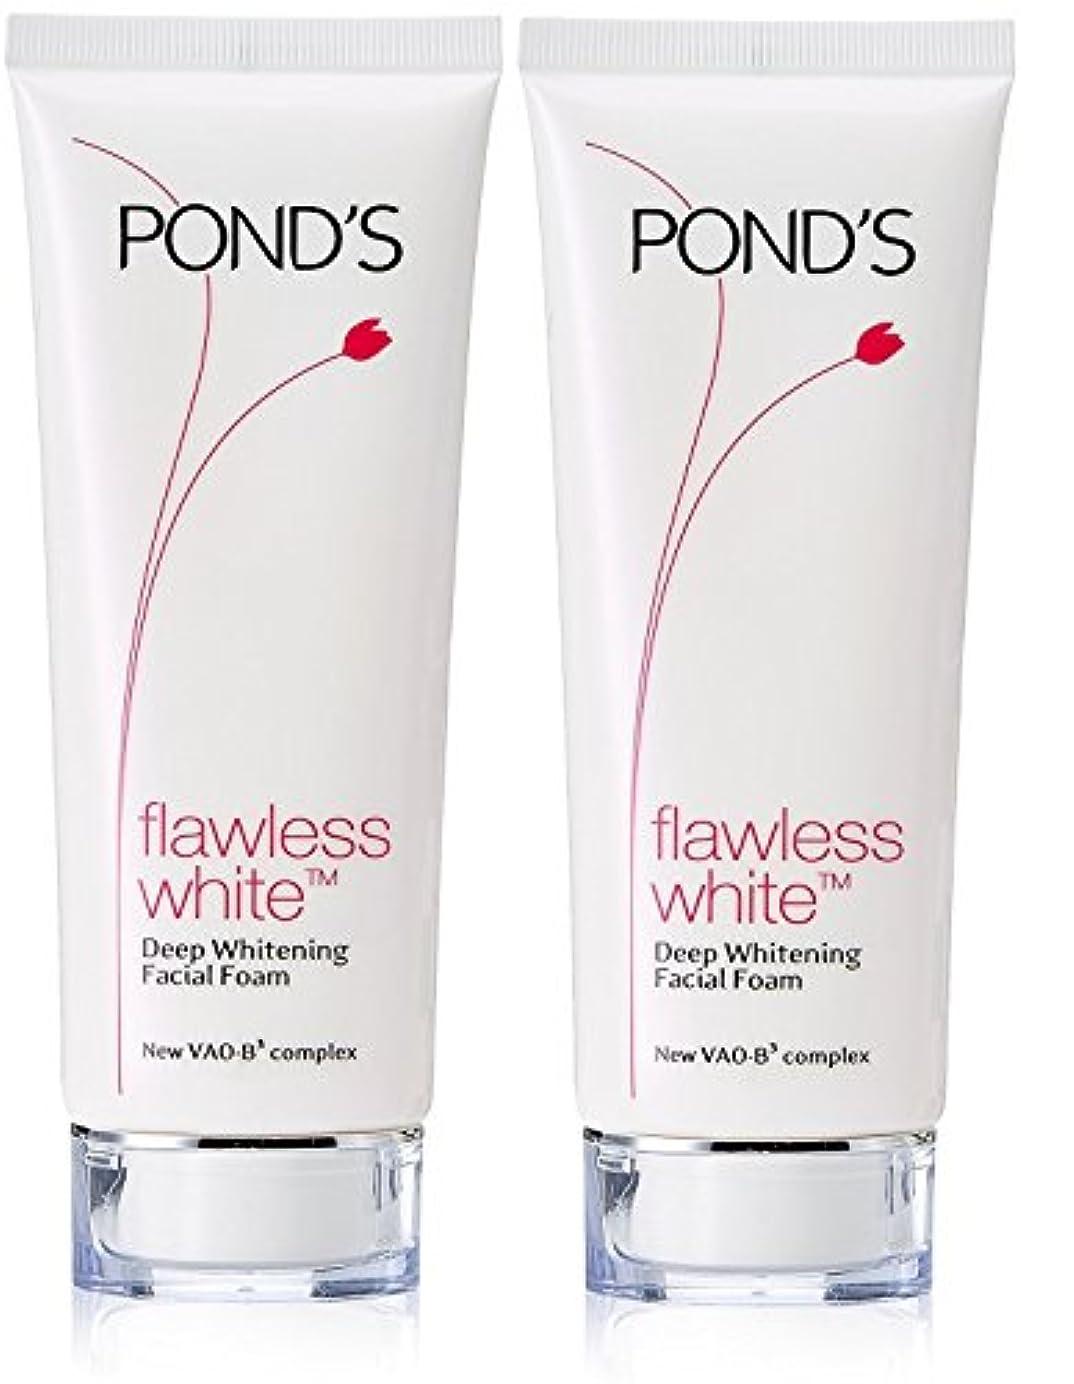 パトロール漫画利益Pond's Flawless White Deep Whitening Facial Foam, 100g (Pack of 2)